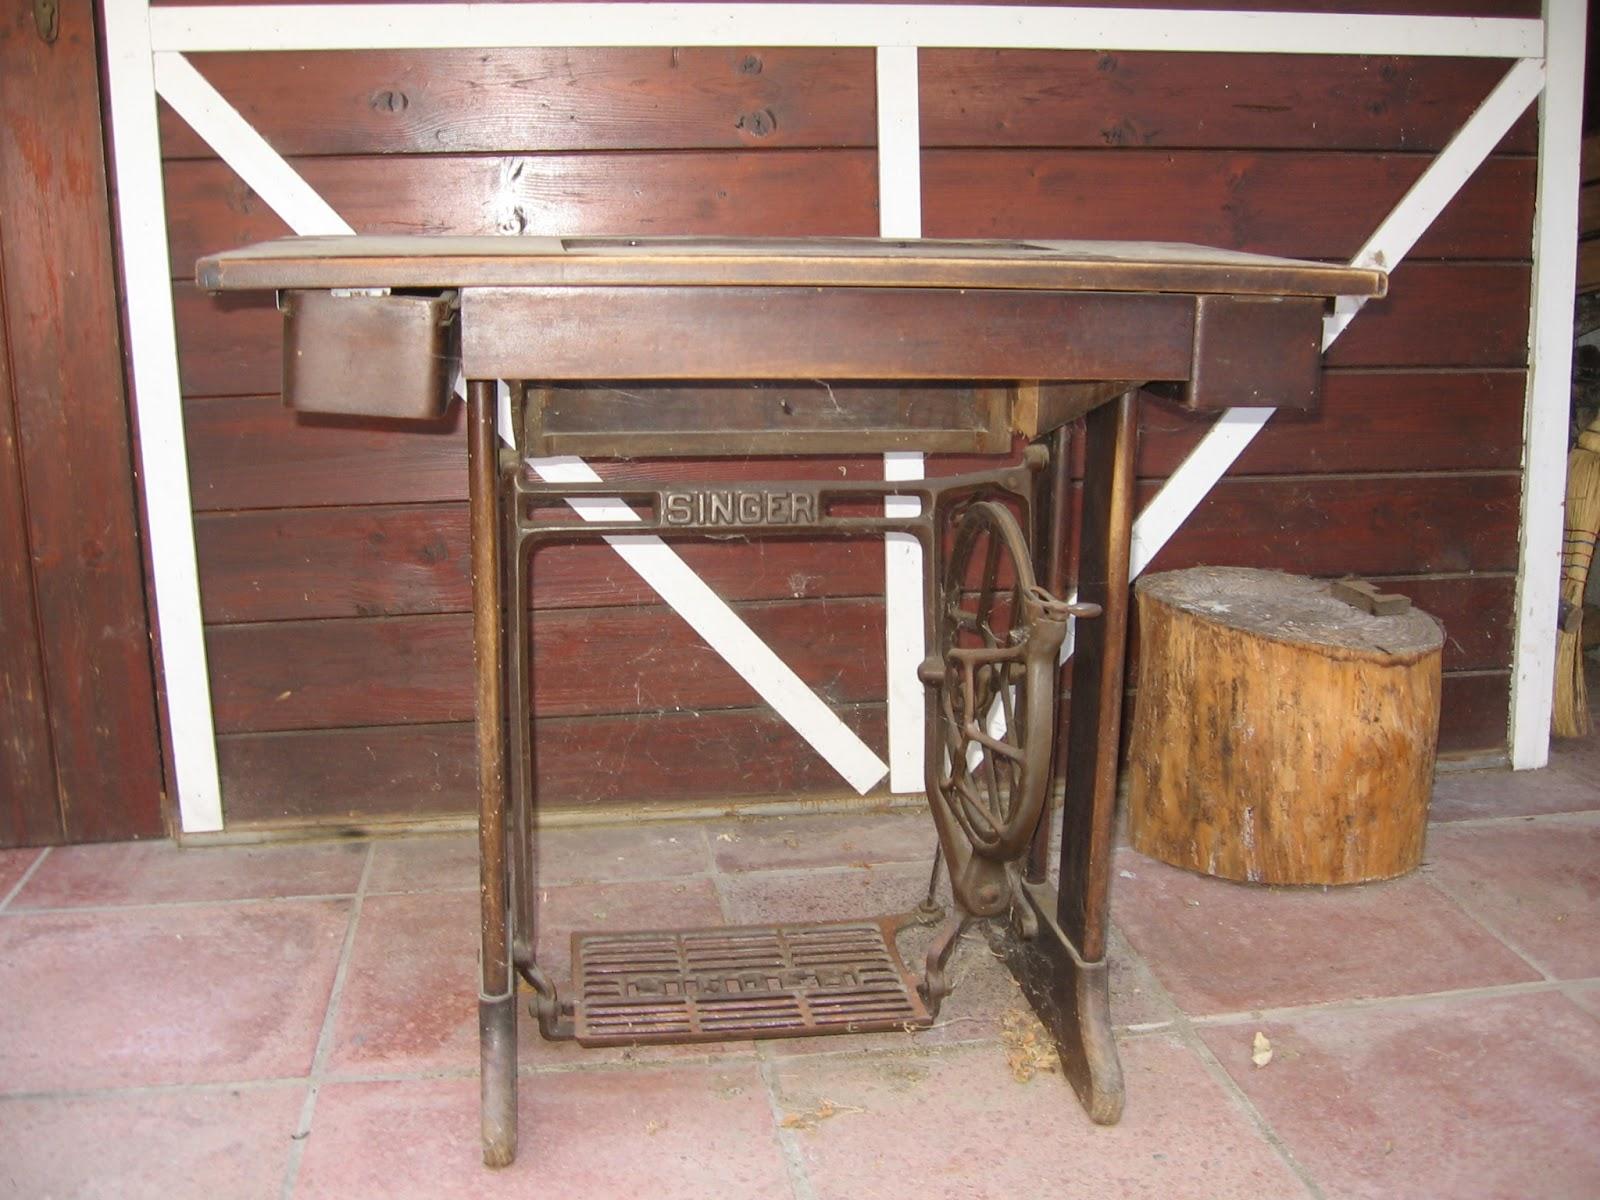 Il blog di dany recupero vecchi mobili - Recupero mobili vecchi ...